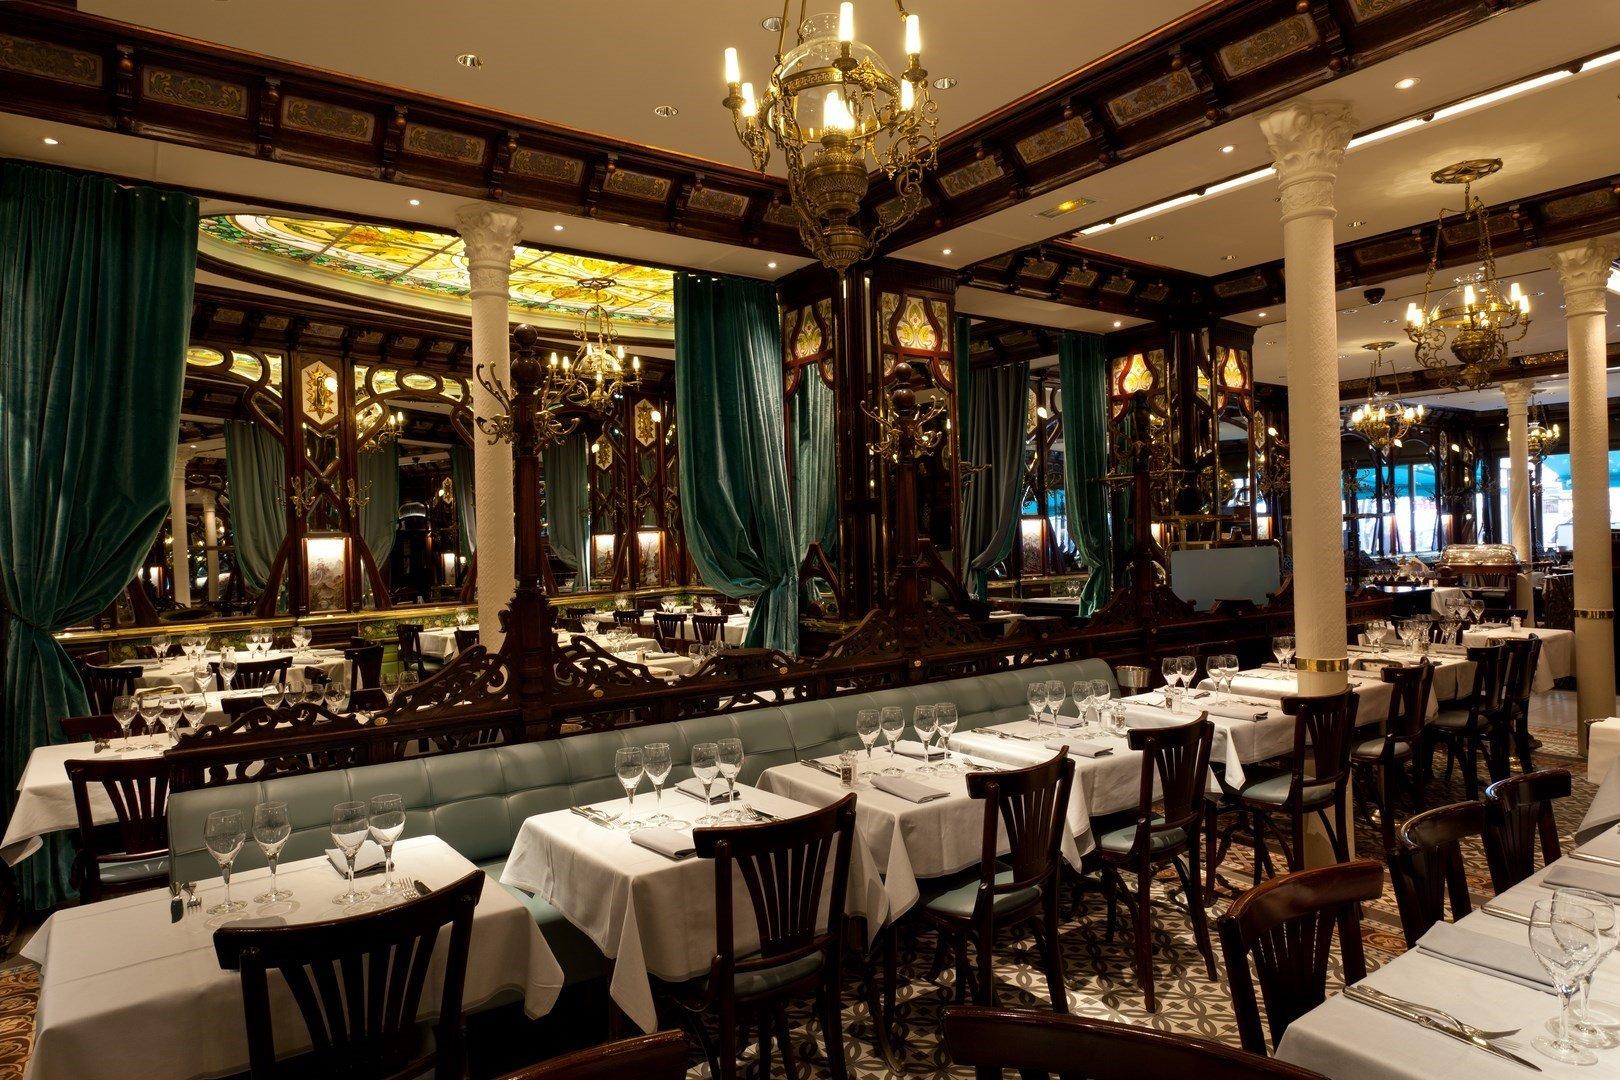 Repas entreprise dans une brasserie historique restaurant groupe Paris 6